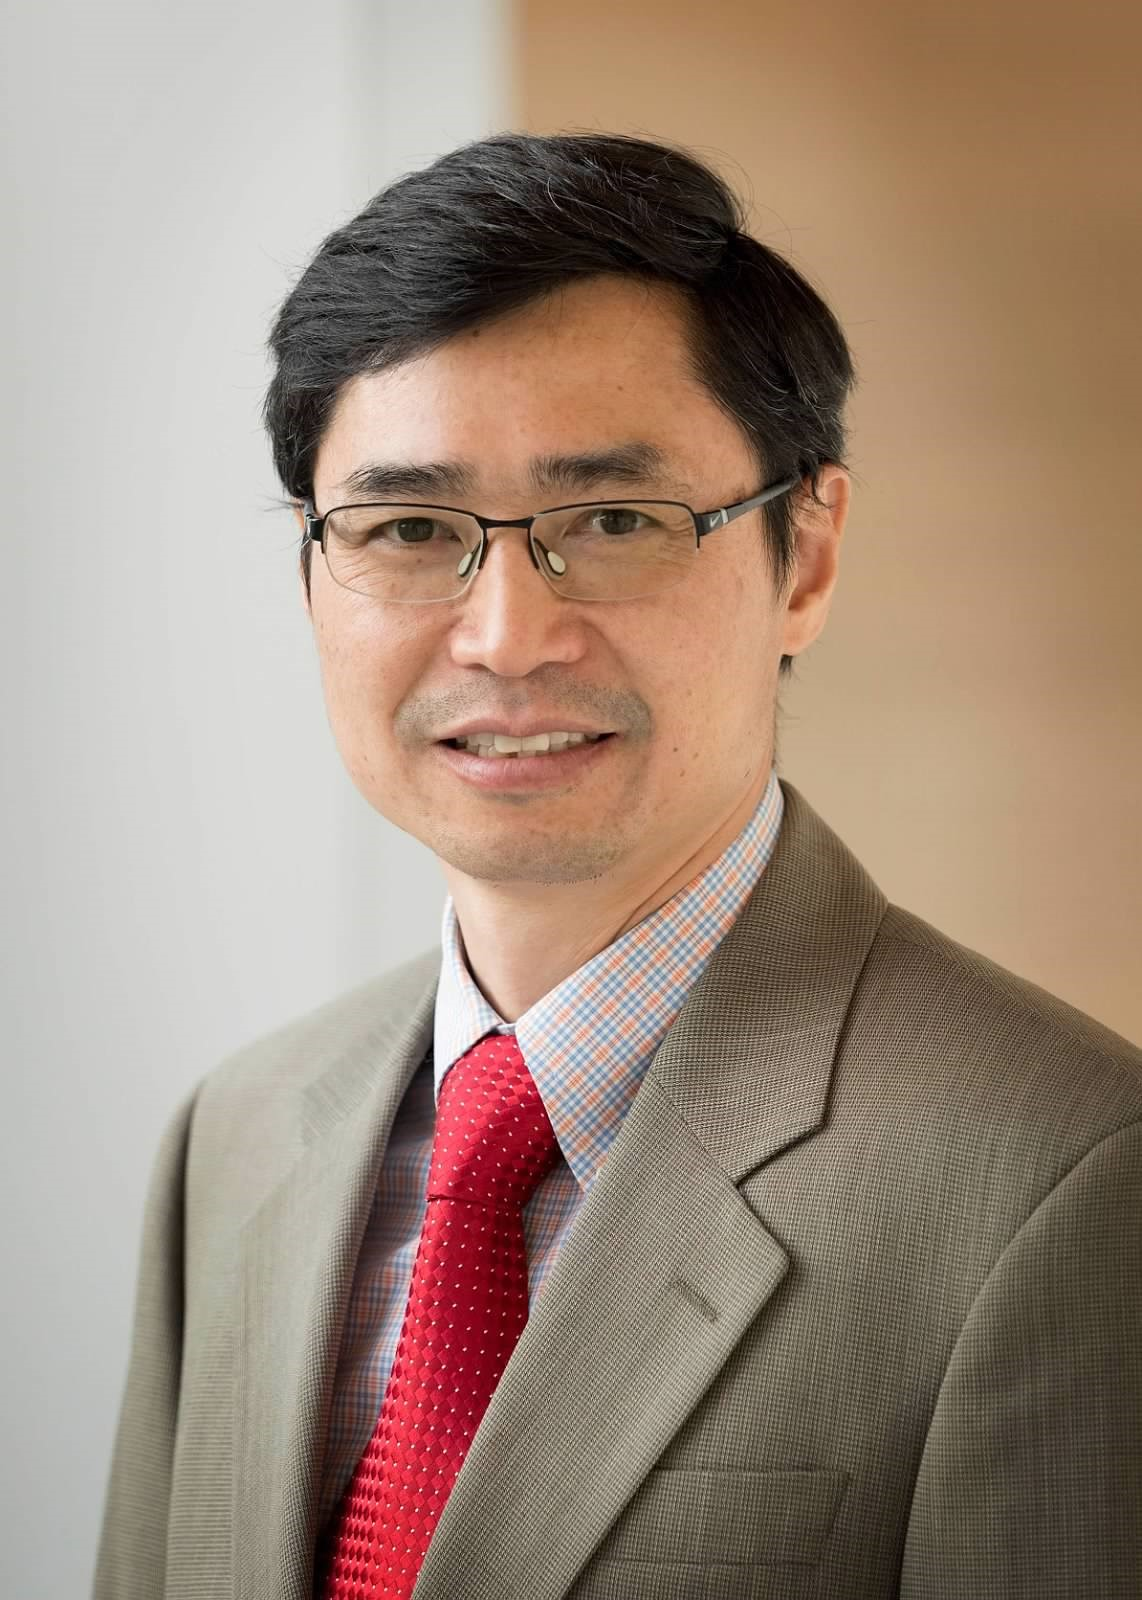 Junming Peng